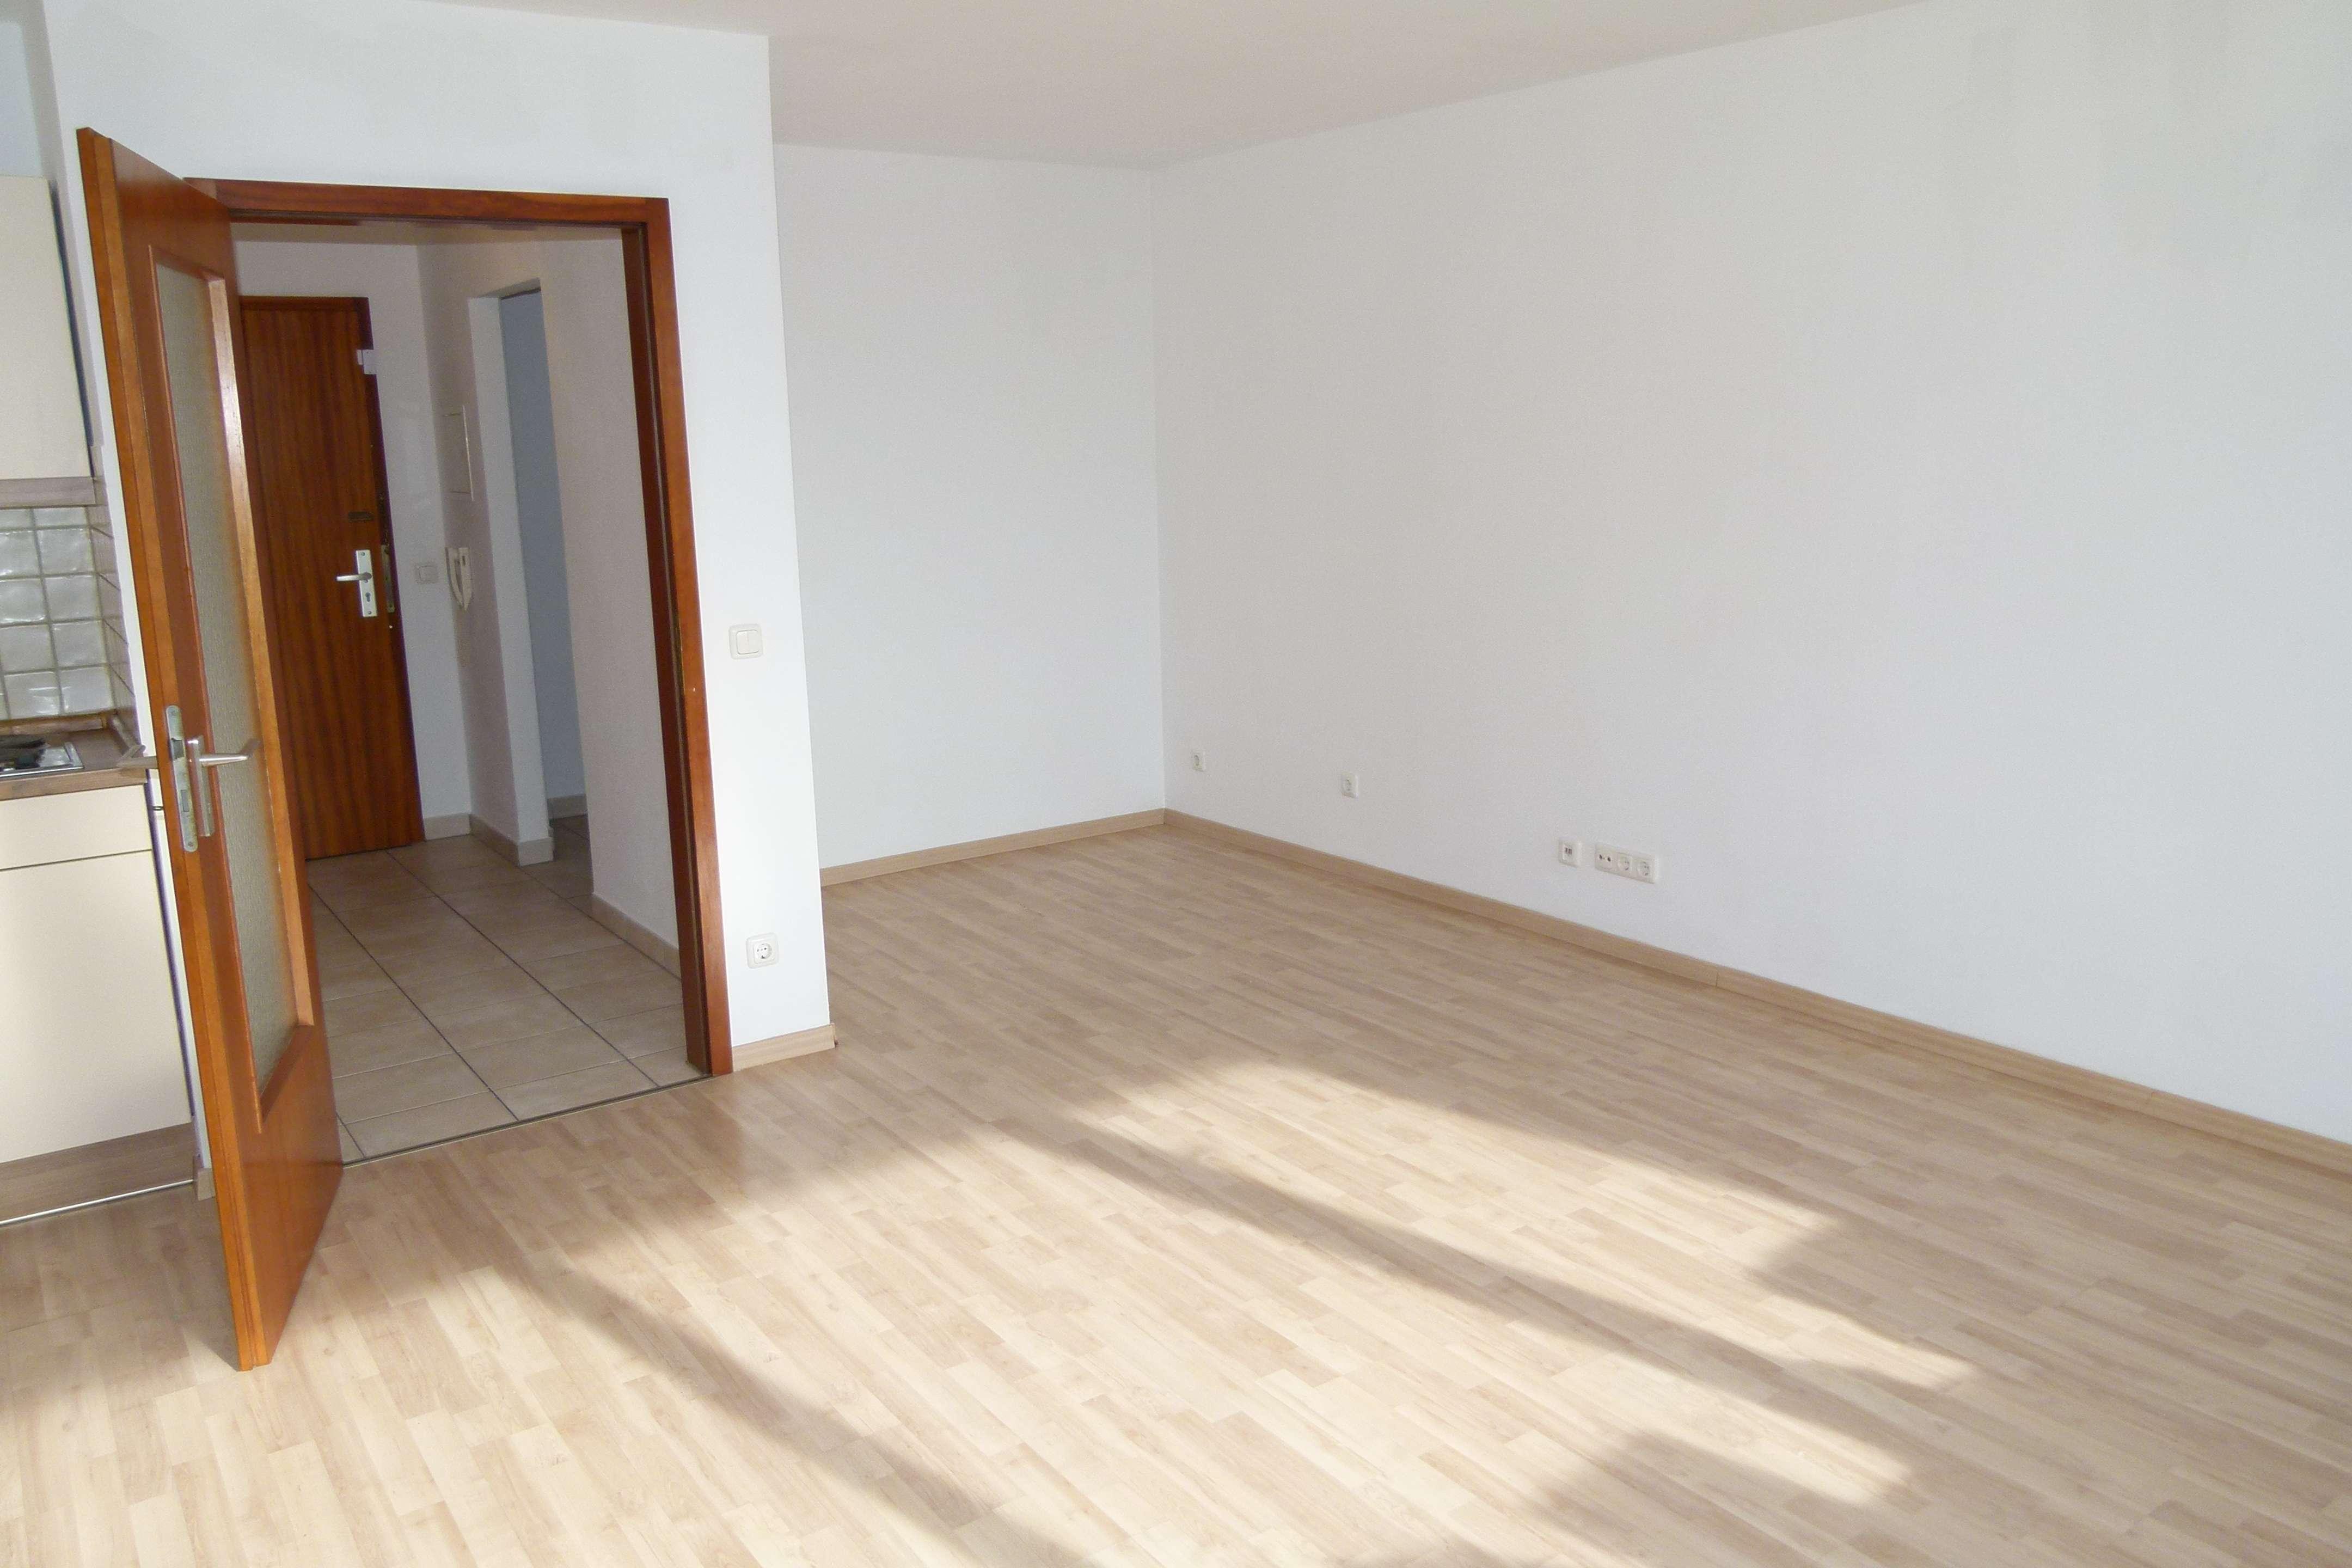 NIKOLA - Geräumige 1-Zimmer-Wohnung mit EBK, Keller und Außenstellplatz in Nikola